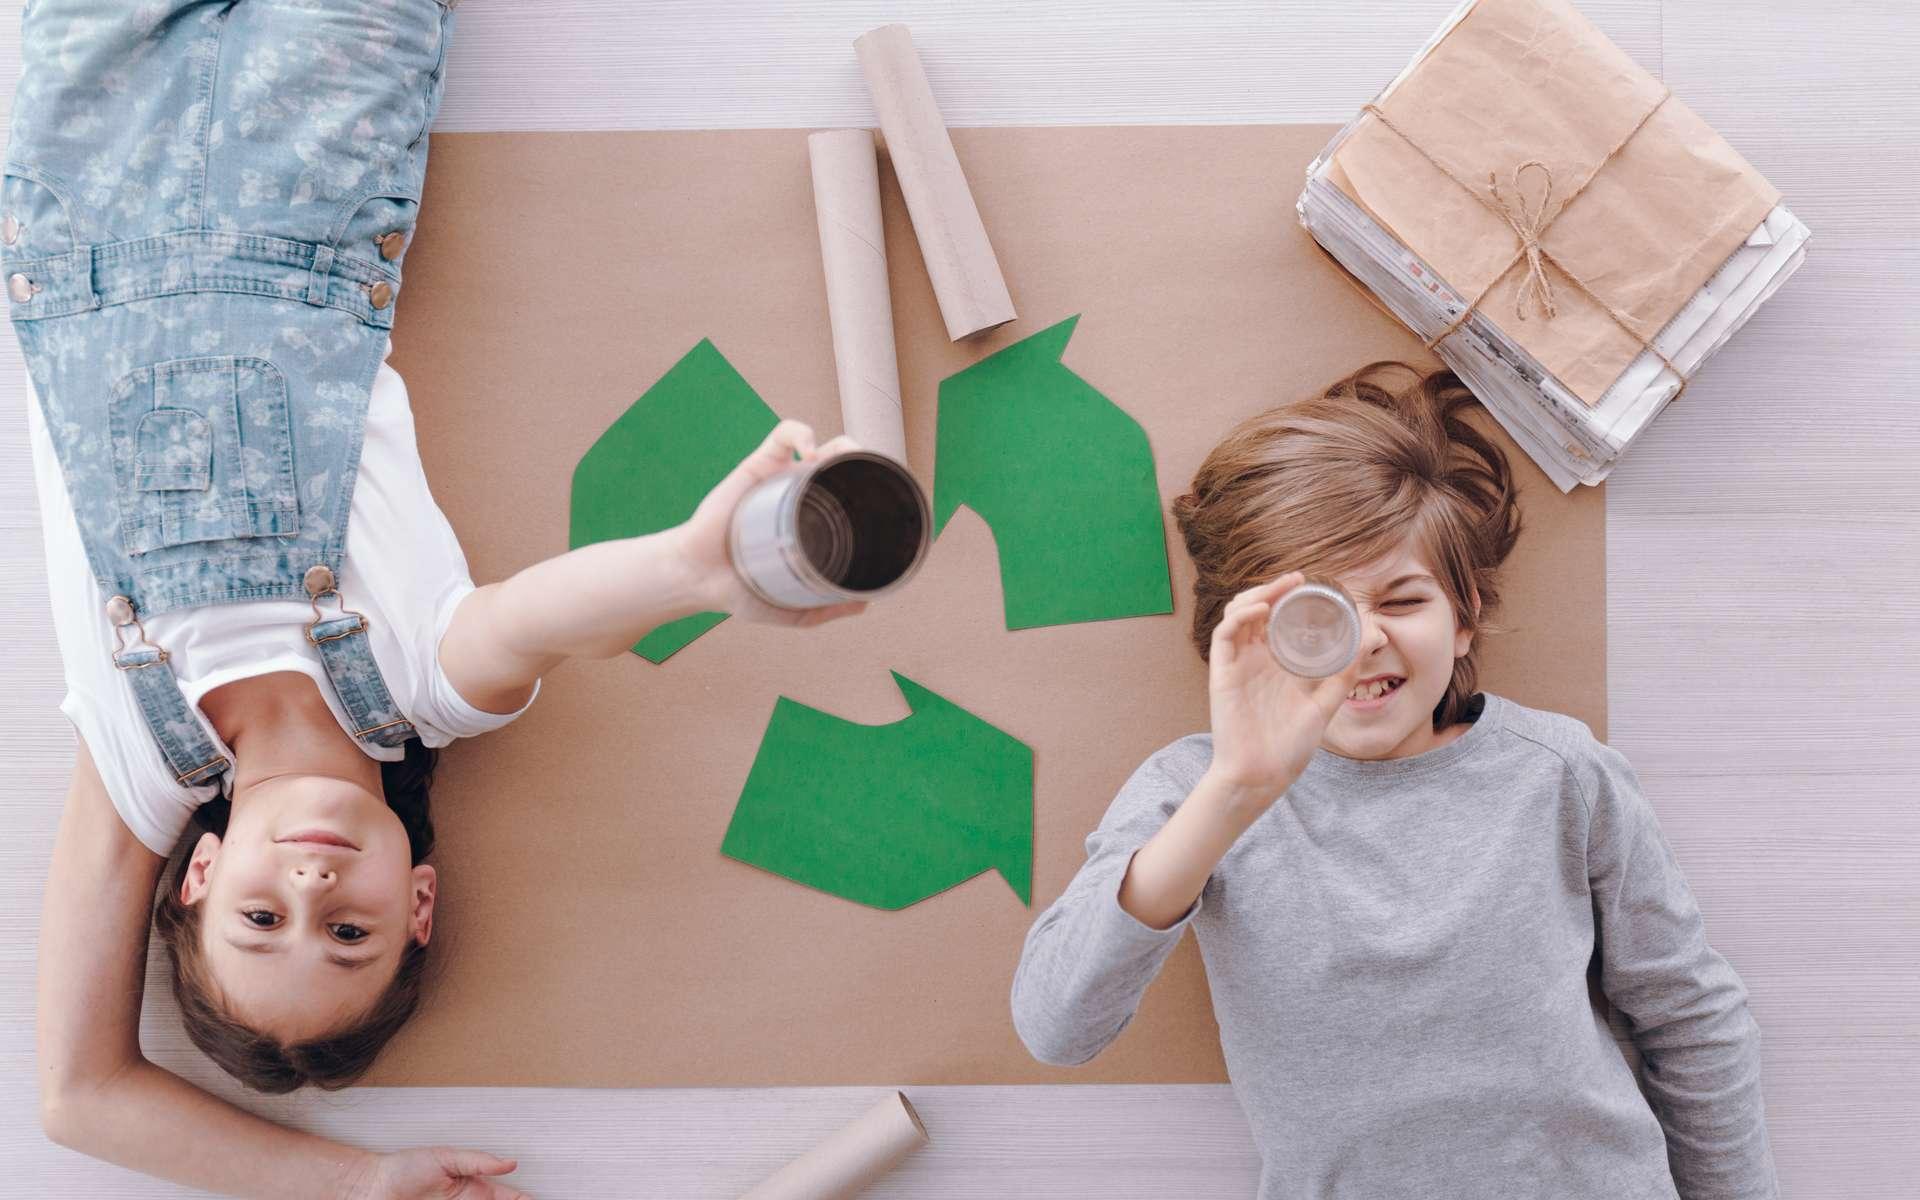 Comment trier correctement ses déchets papiers ? © Photographee.eu, Adobe Stock